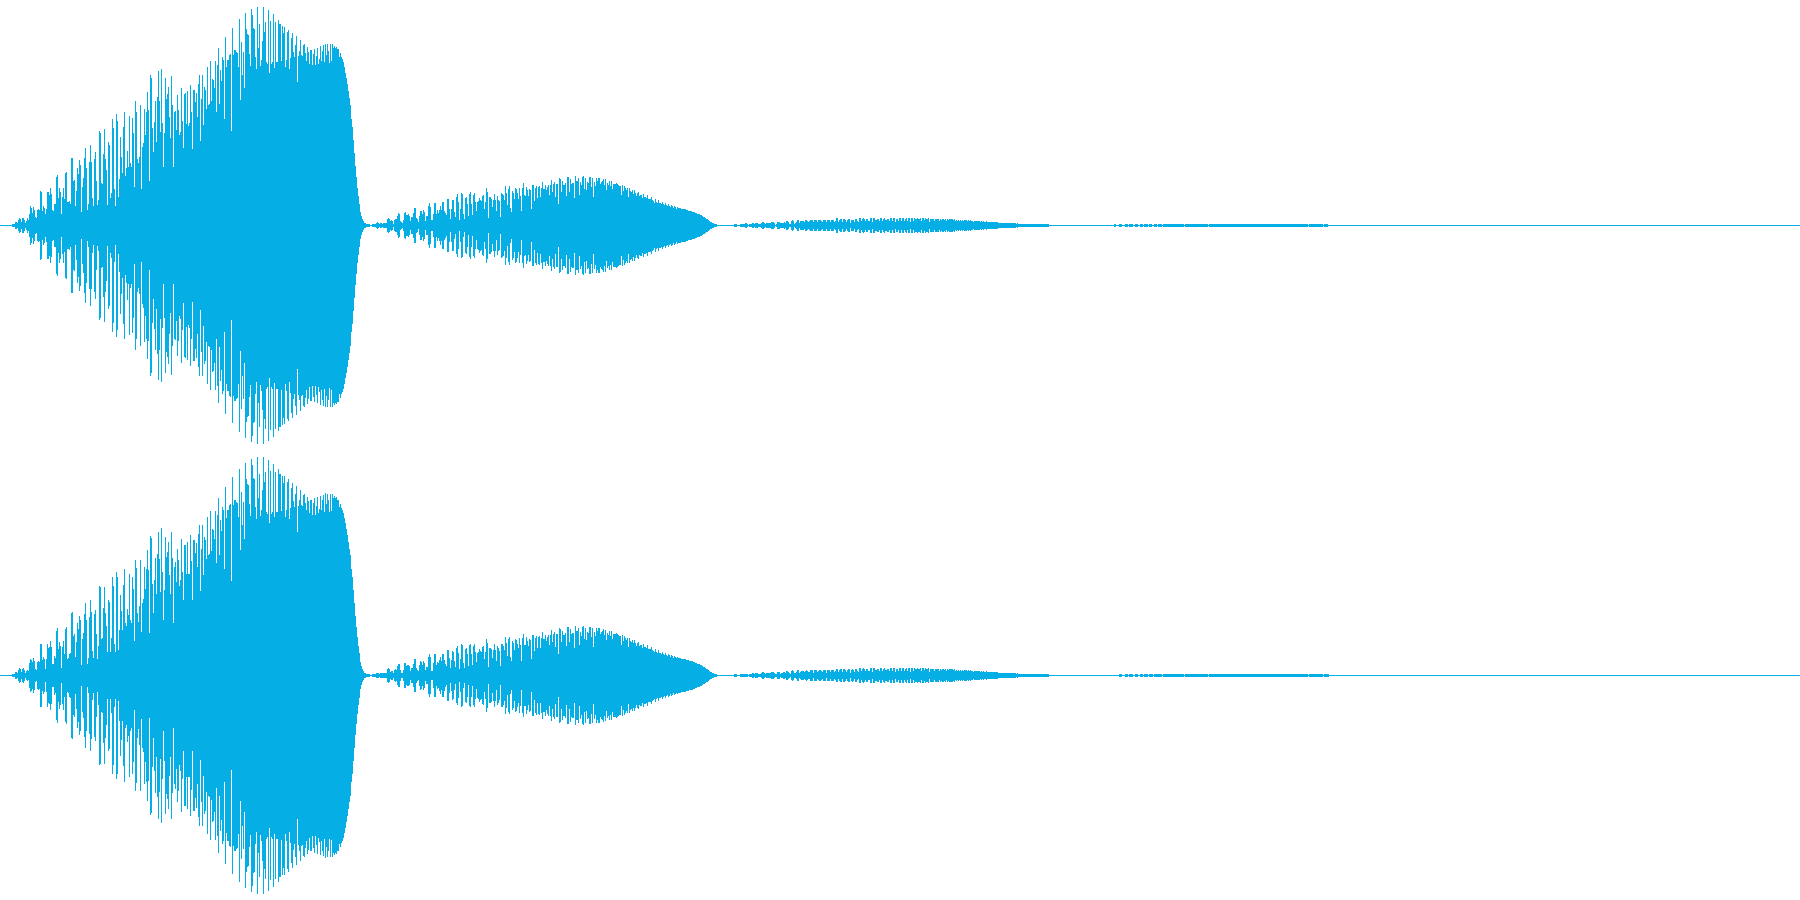 柔らかいもの(揺れ触る等)ポヨンの再生済みの波形